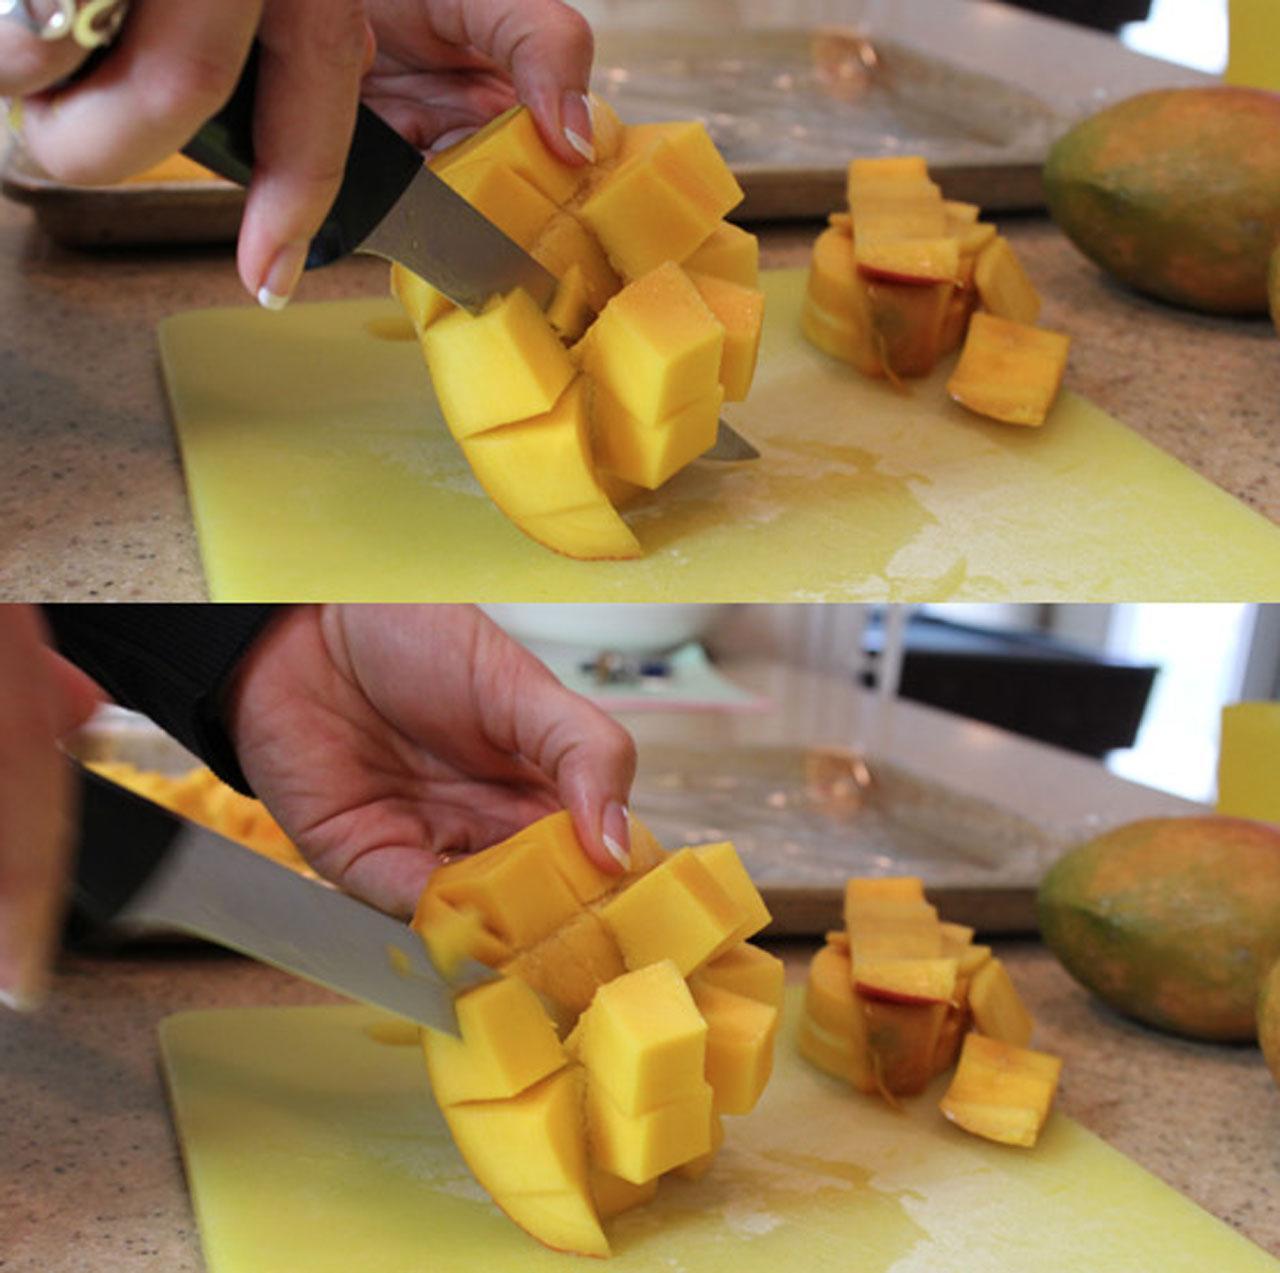 ใช้ส้อมหรือมีดตัดมะม่วงออกจากเปลือกเป็นชิ้นๆ